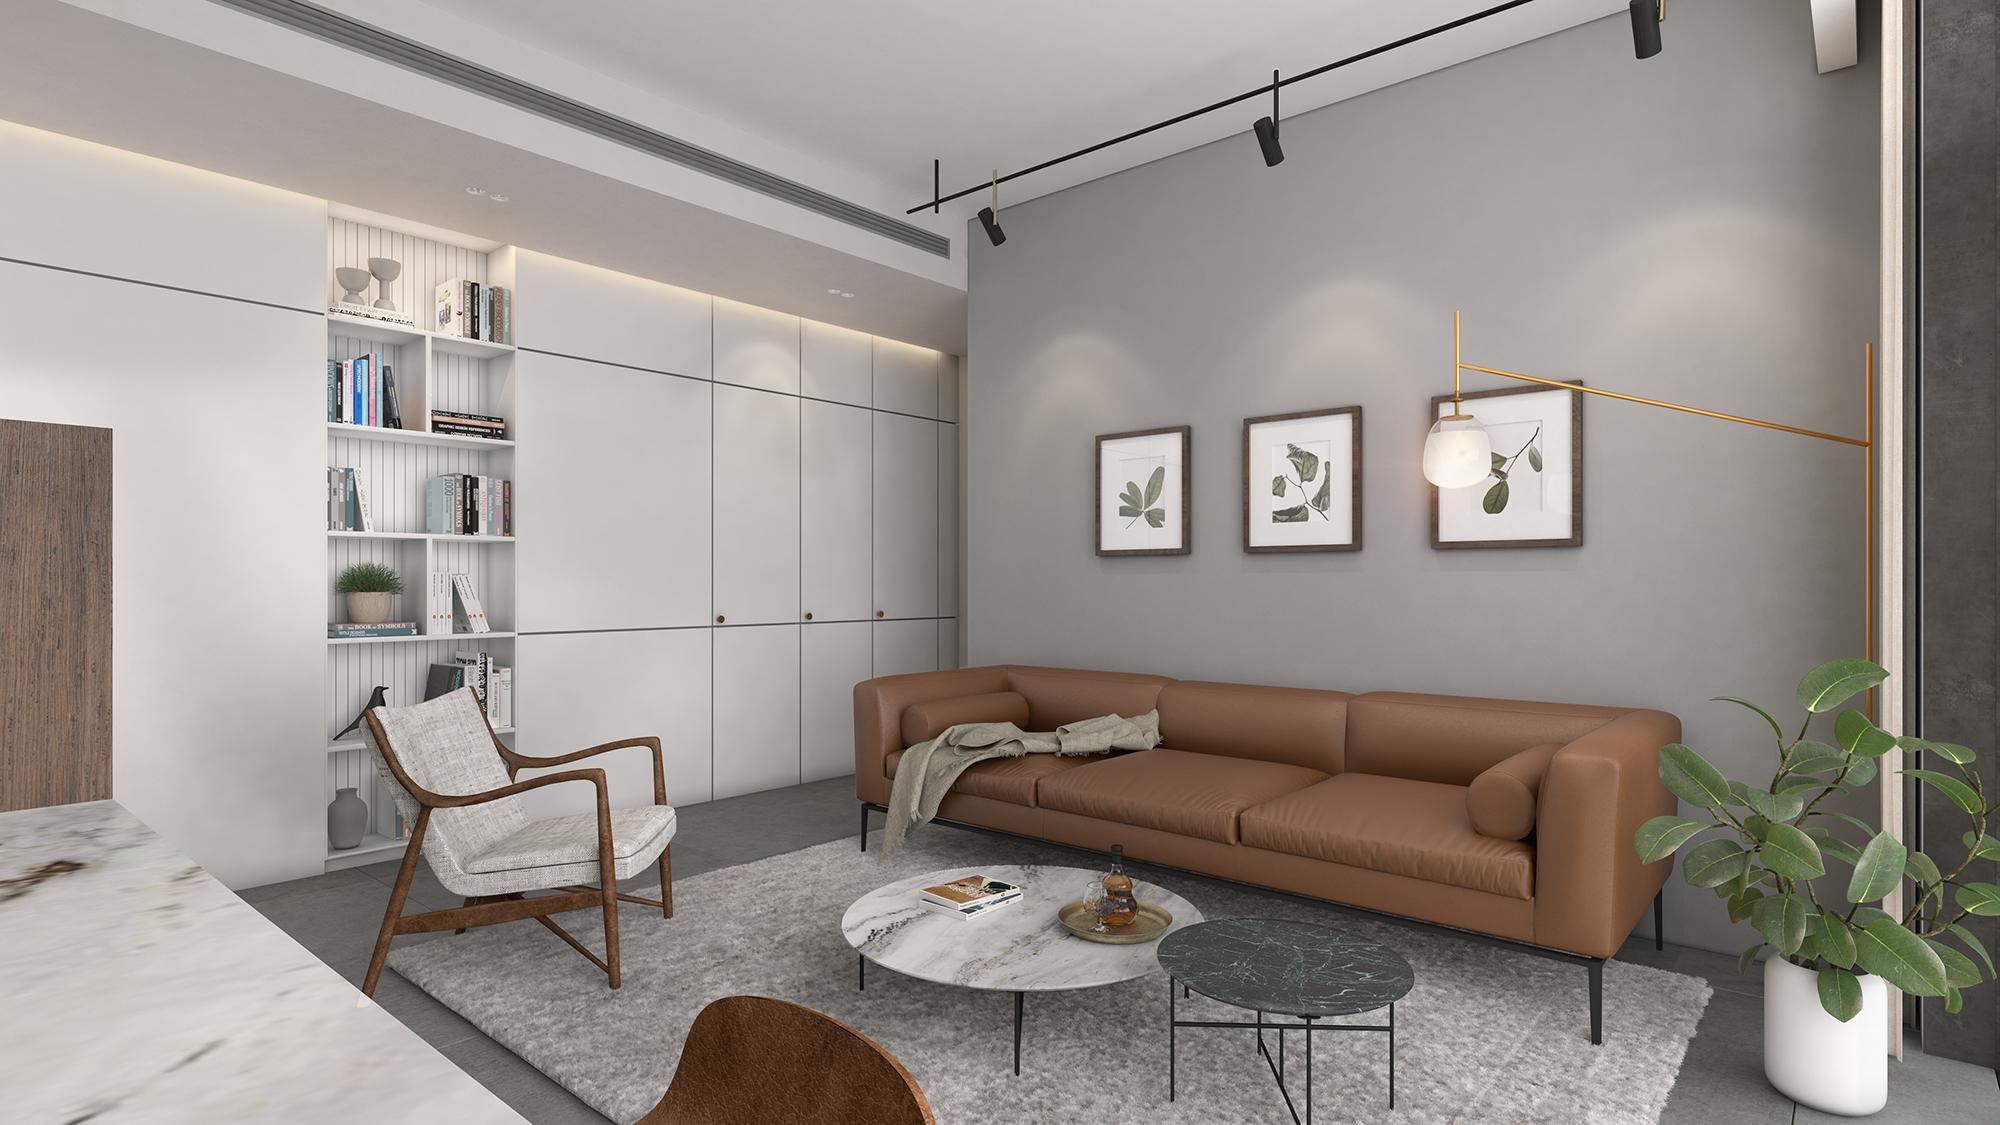 The cortado apartment